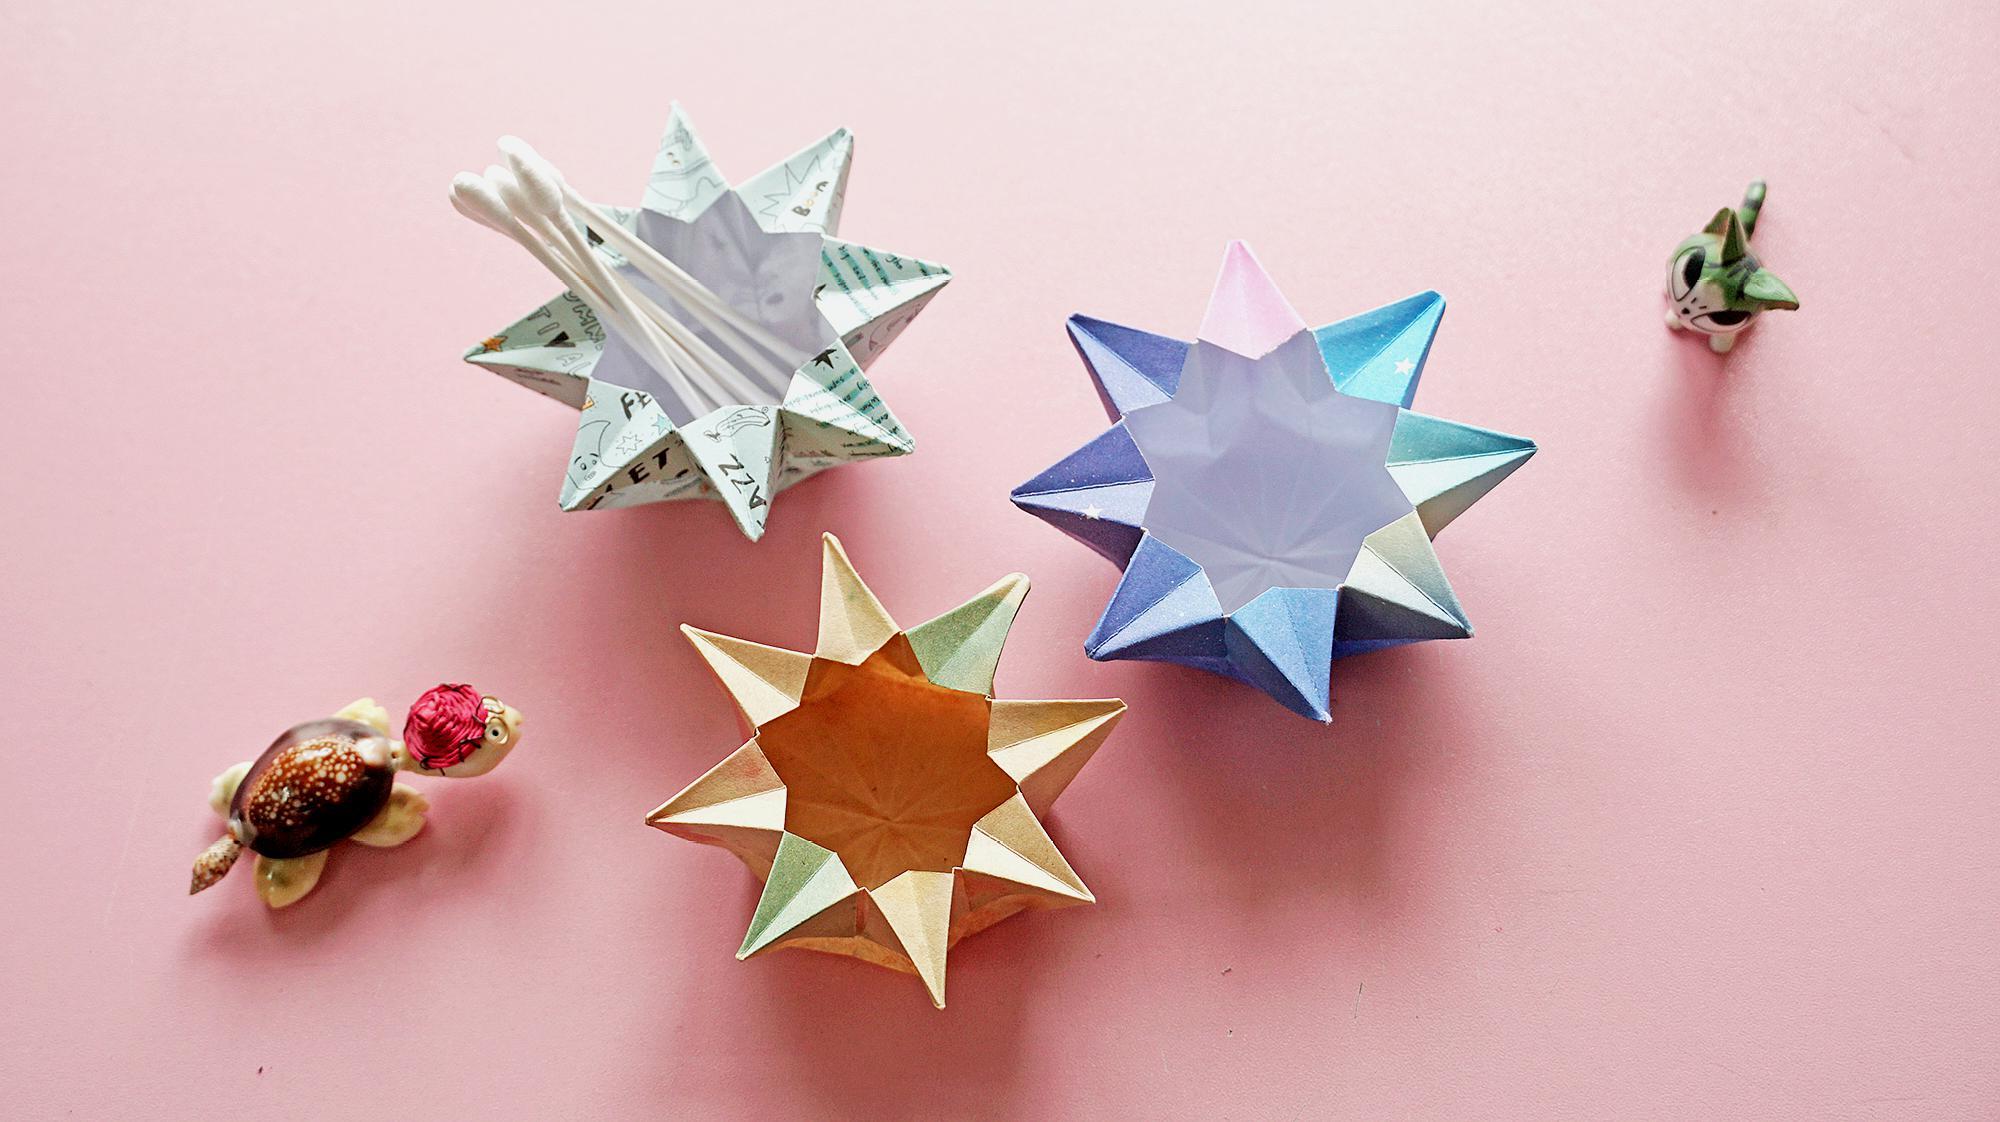 一张纸就可以制作出一个八角收纳盒,简单又好看,想知道怎么做的吗?